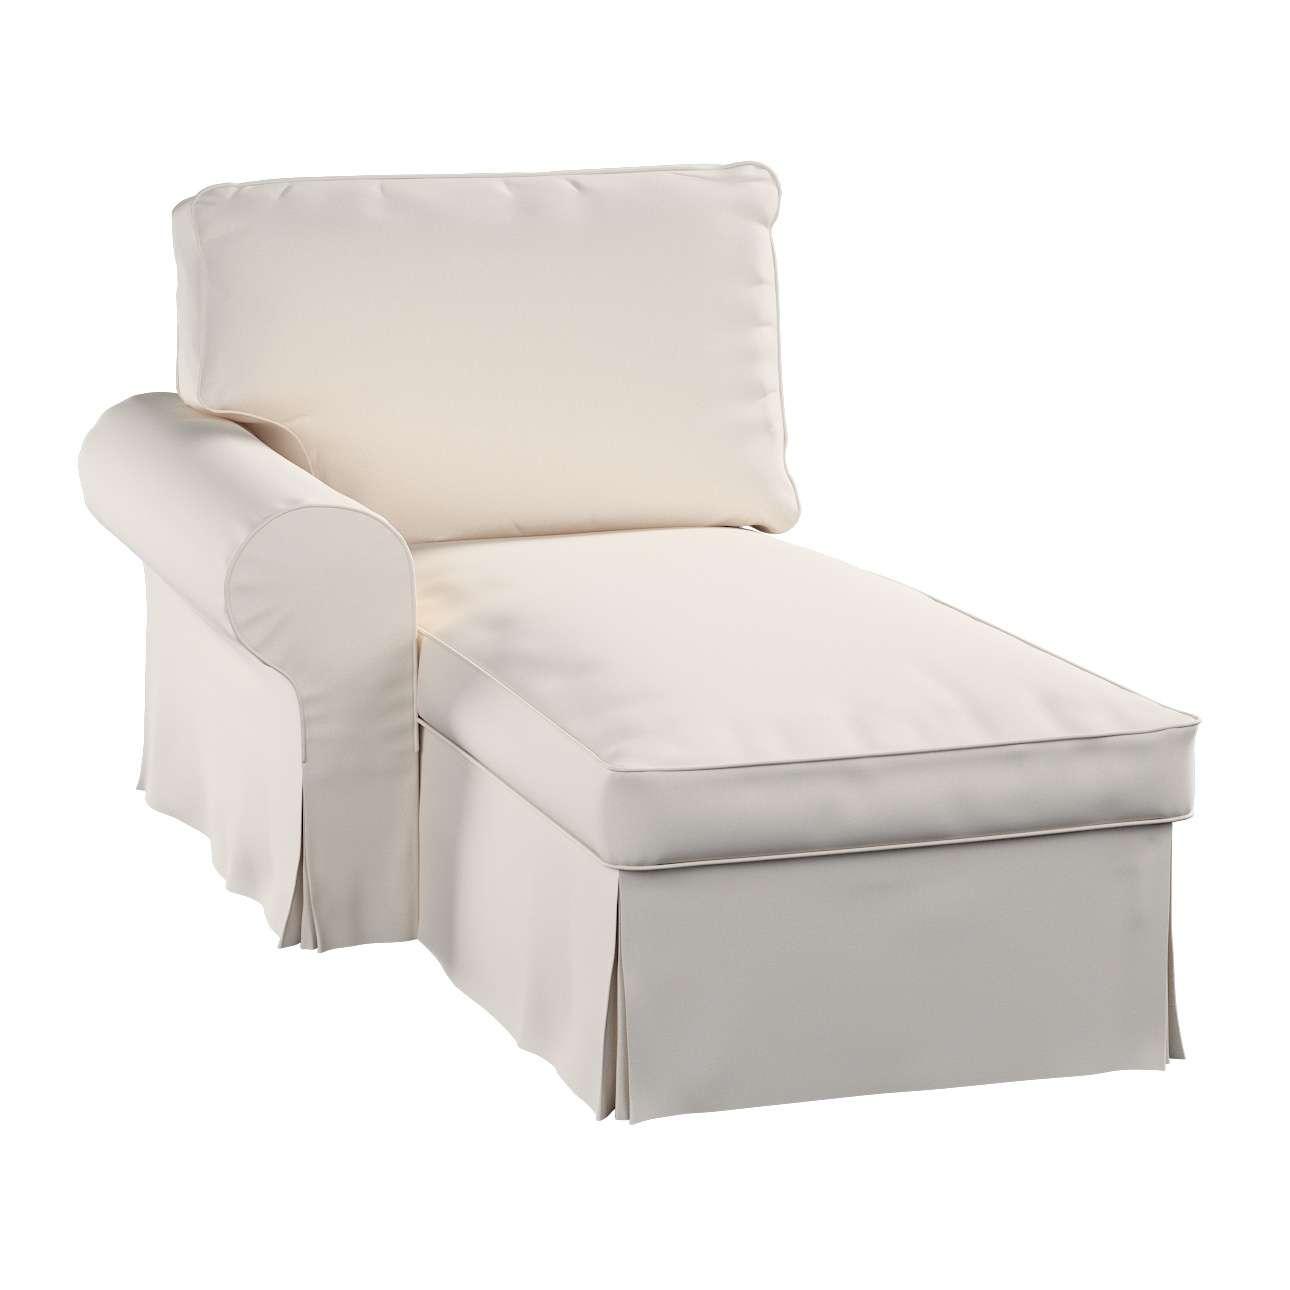 Ektorp gulimojo krėslo užvalkalas (su porankiu, kairiojo) Ektorp gulimasis krėslas - kairysis kolekcijoje Etna , audinys: 705-01